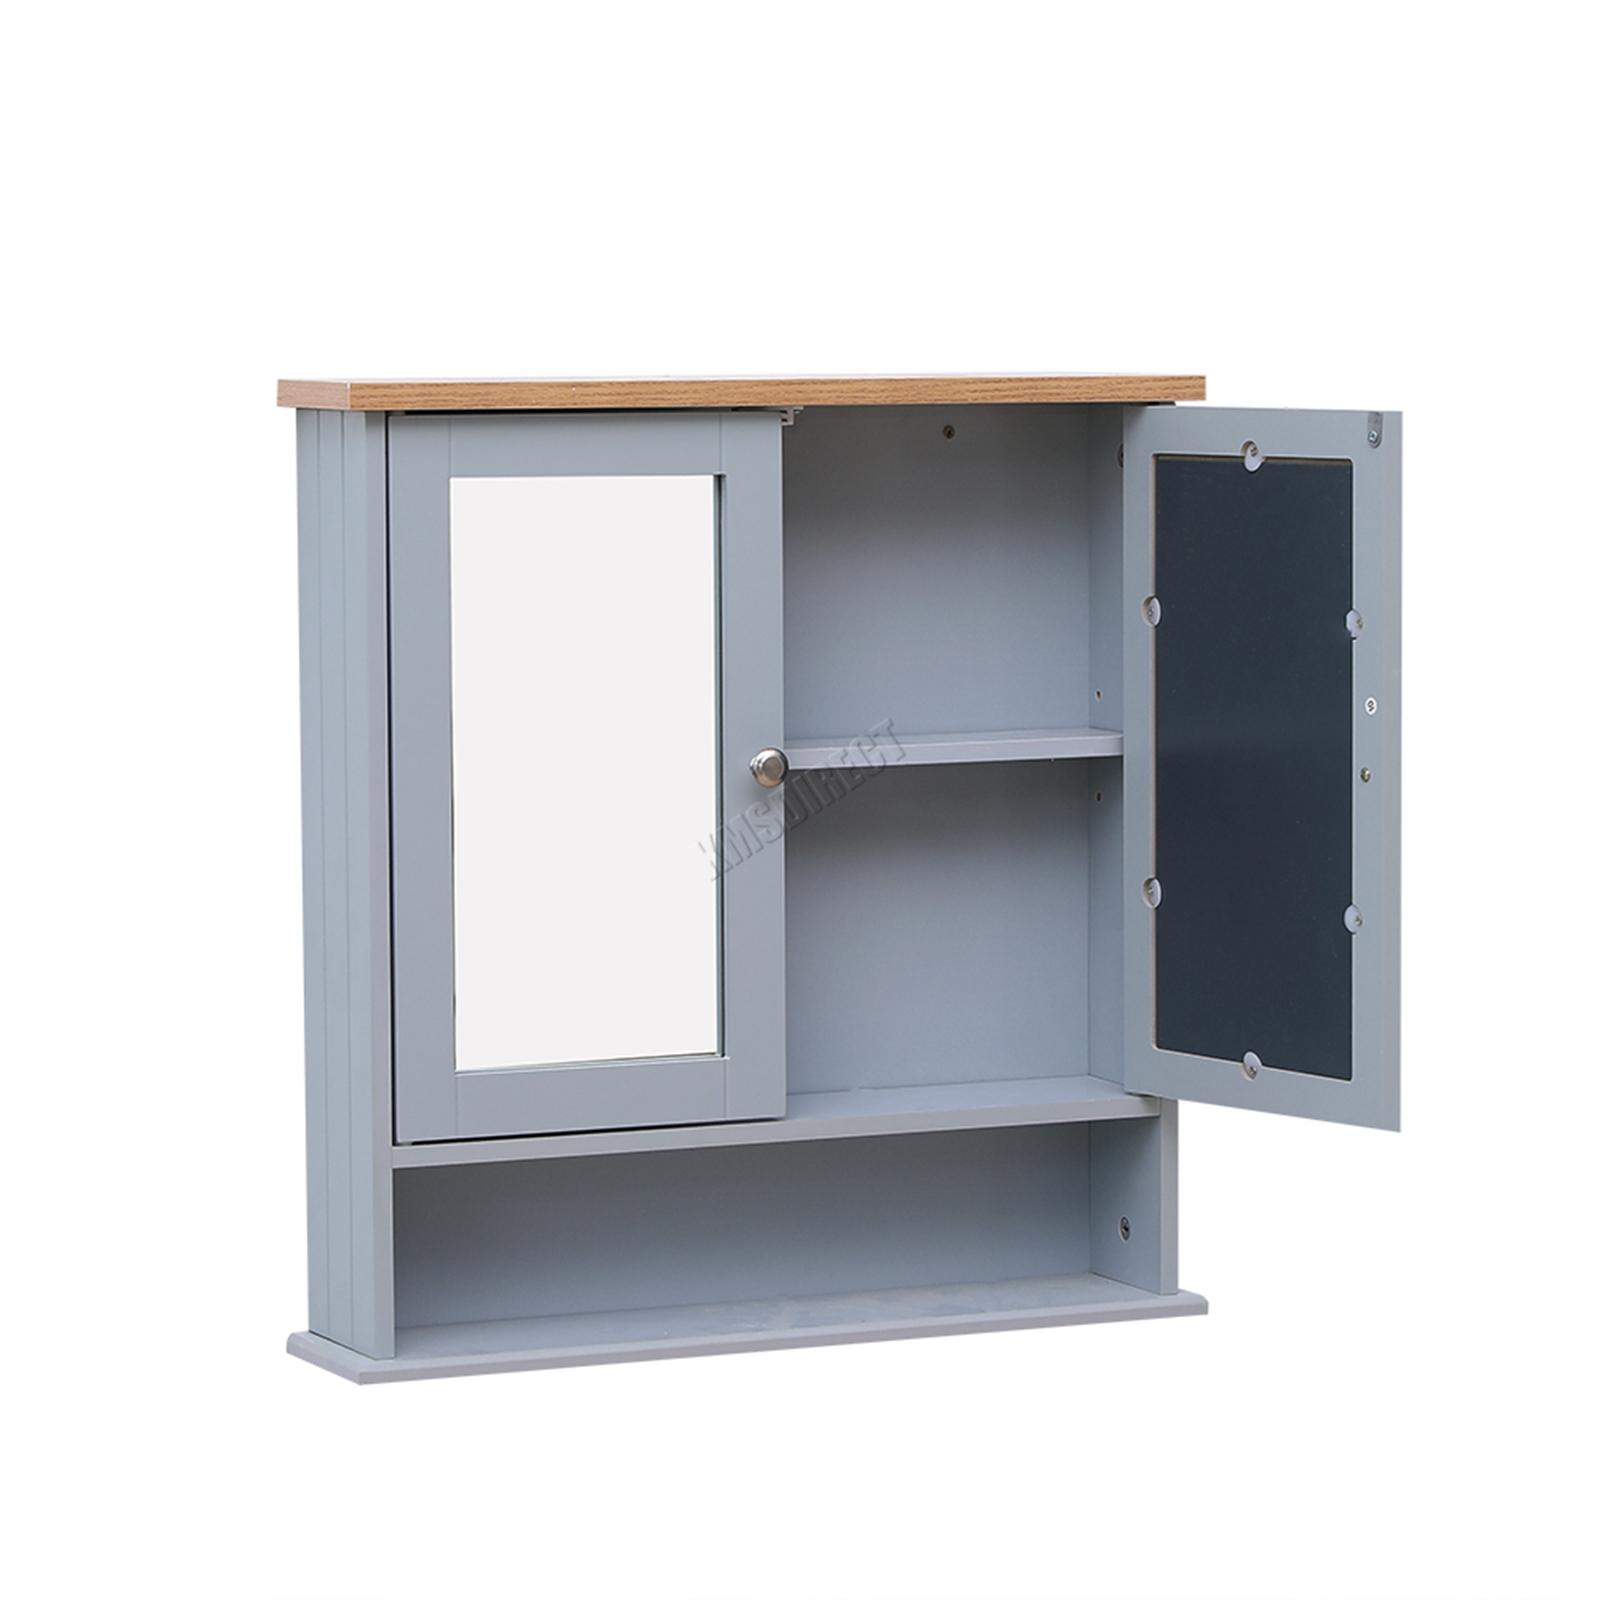 Evier Meuble Salle De Bain détails sur westwood meuble salle de bain gamme armoire sous Évier  rangement miroir placard